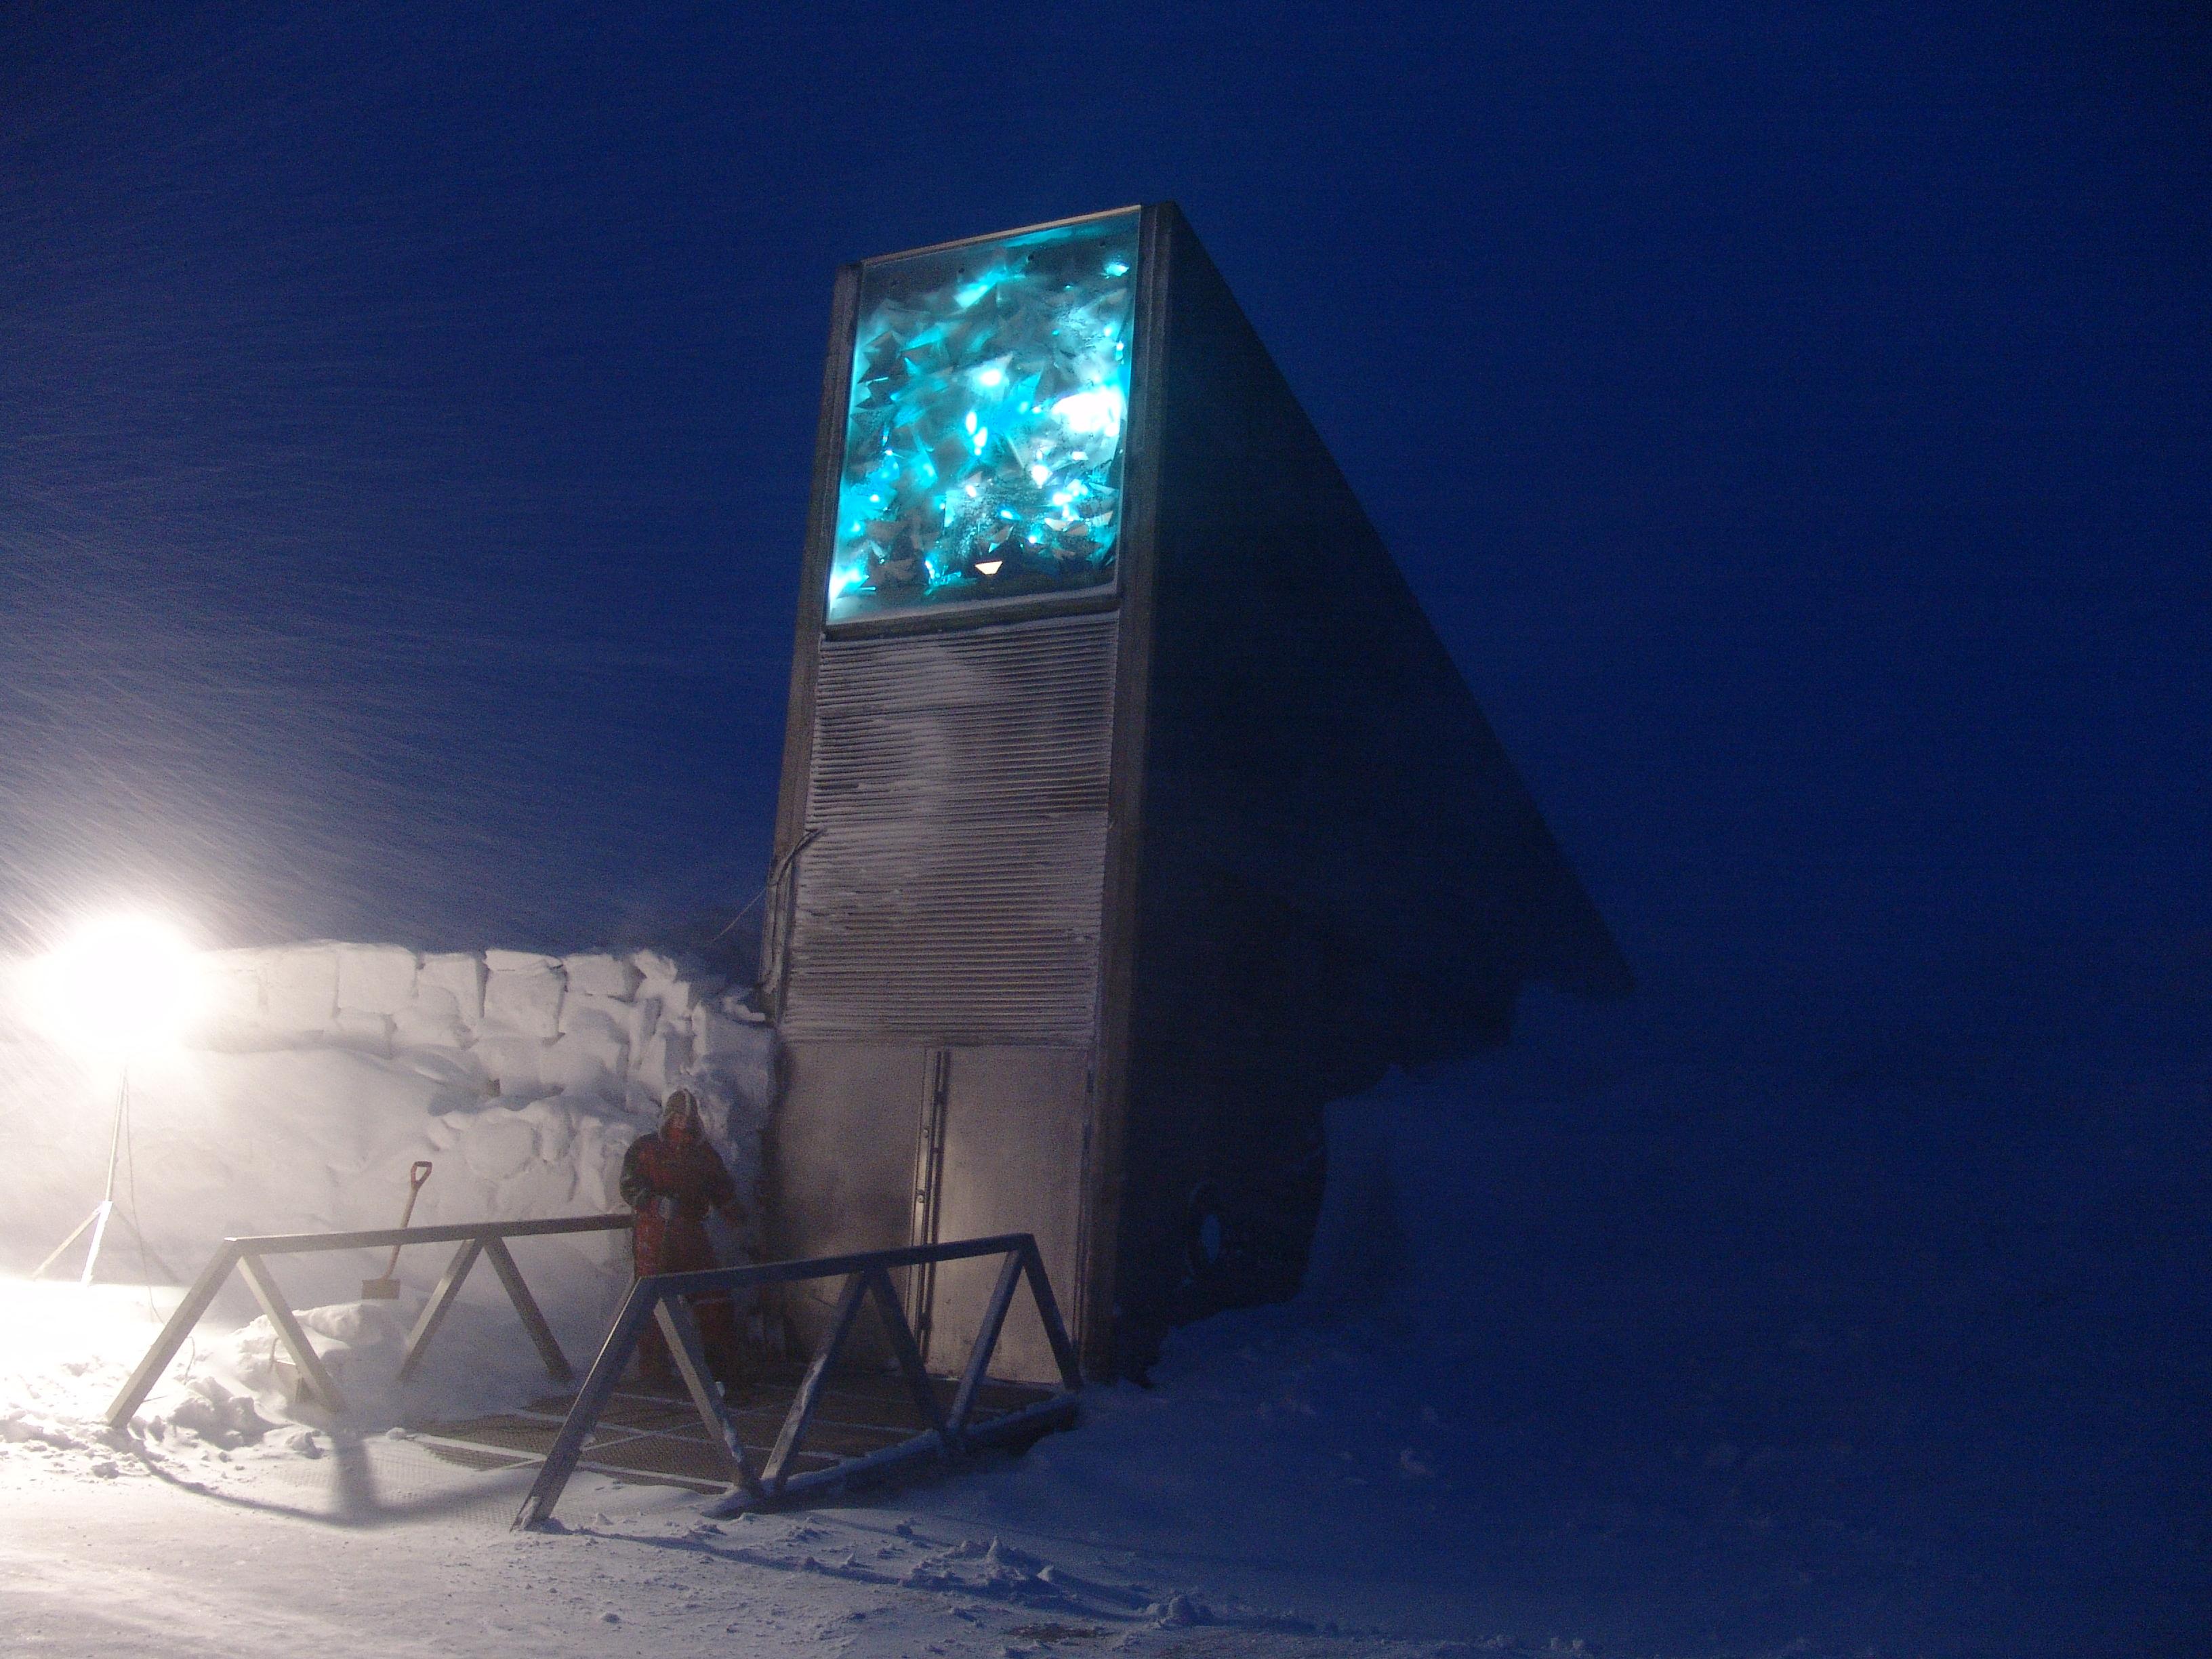 Svalbard Global Seed Vault2